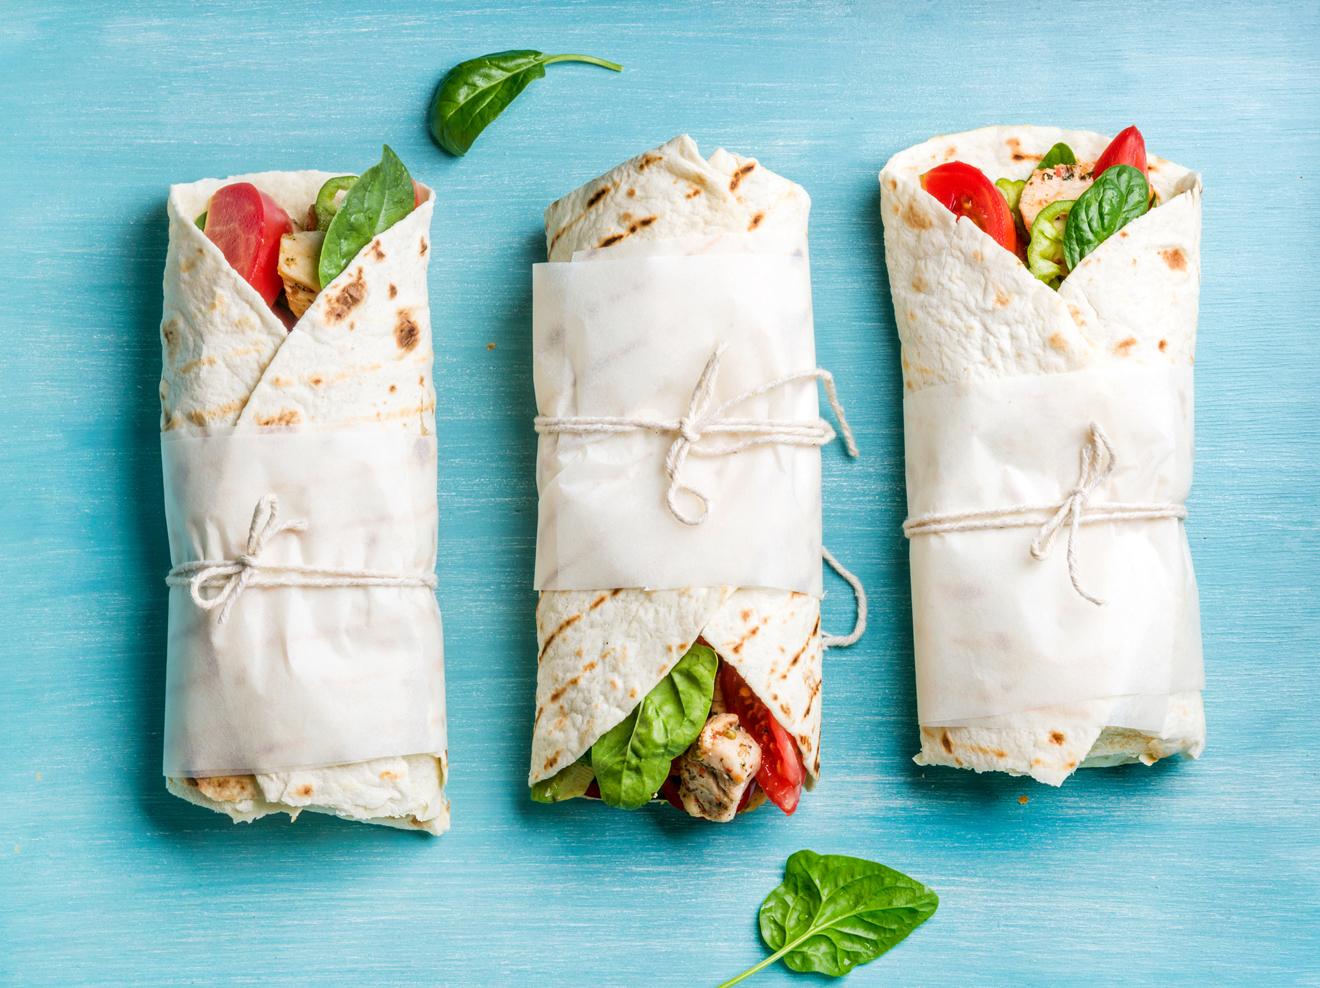 Schnelle Rezepte Zum Abnehmen: Kalorienarme 10-Minuten-Küche ganzes Mittagsgerichte Schnell Und Einfach